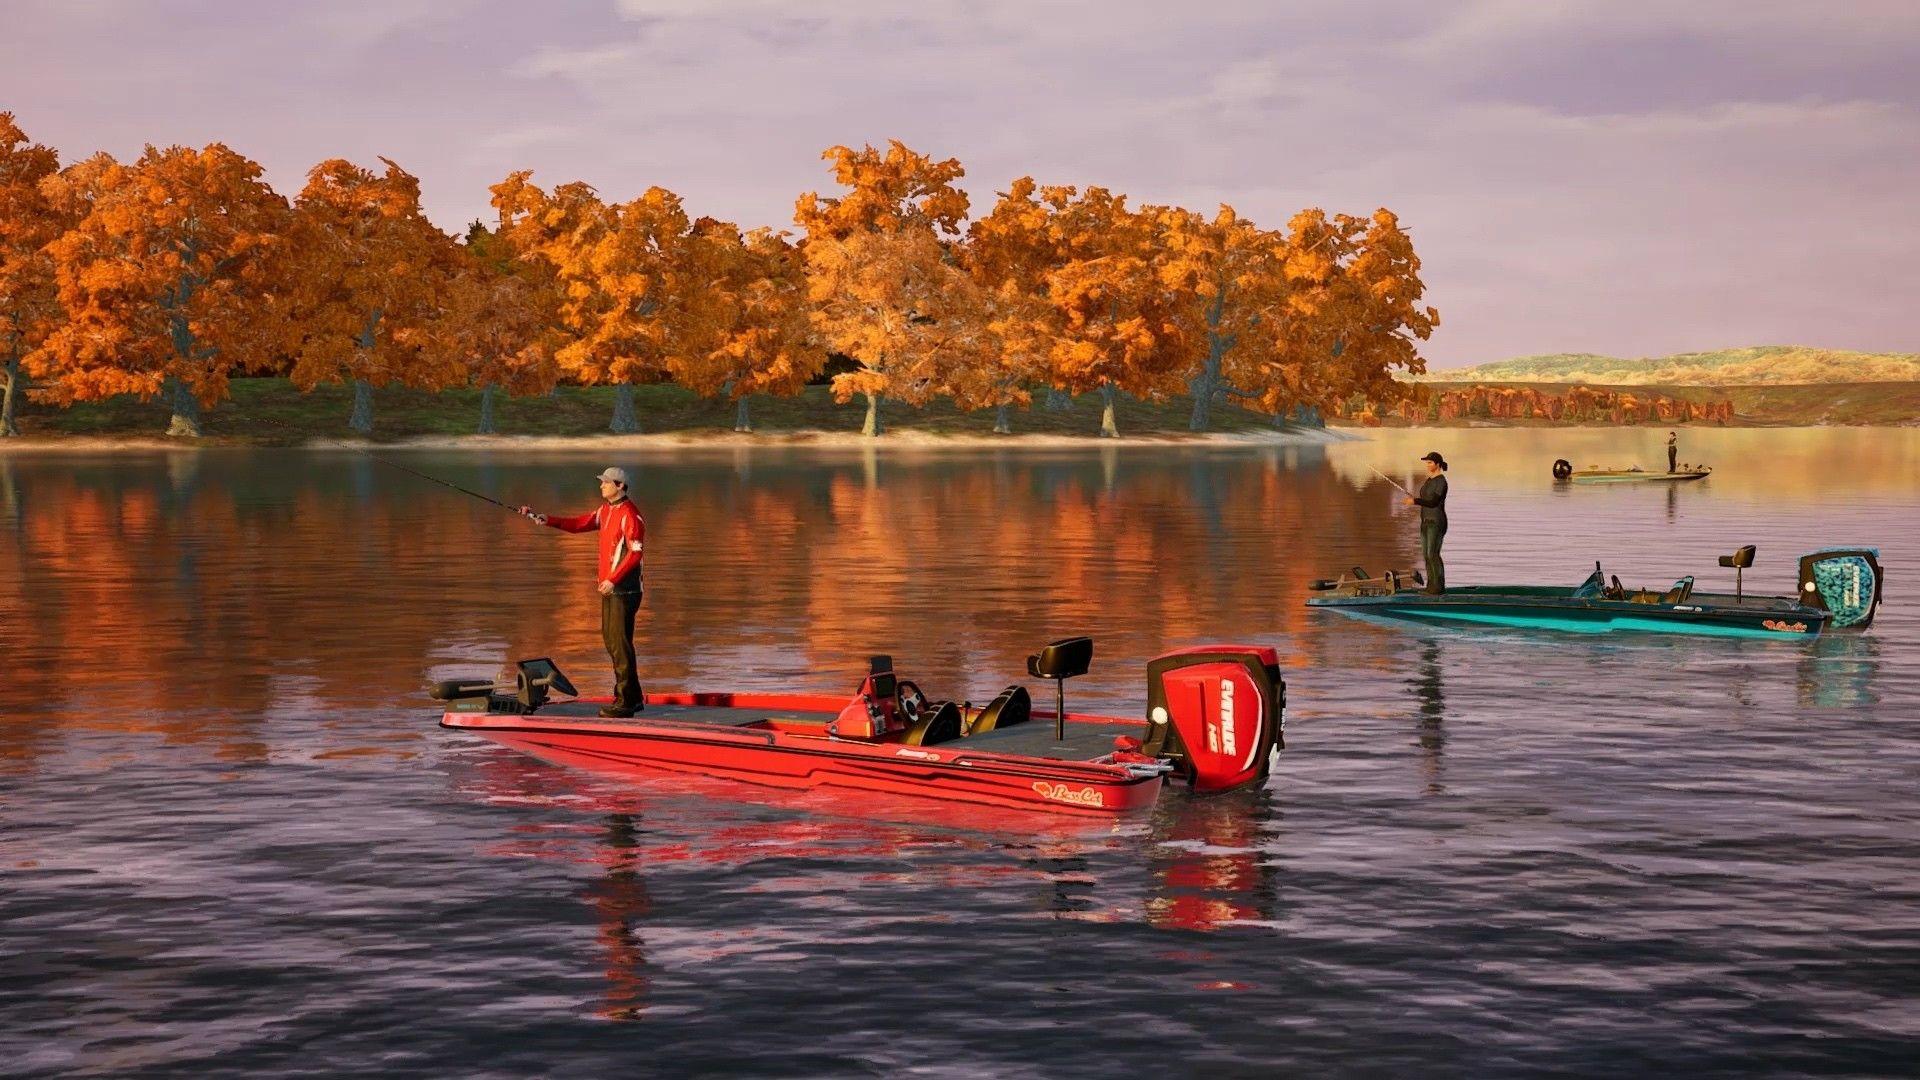 FISHINGSIMWORLDPT3.jpg